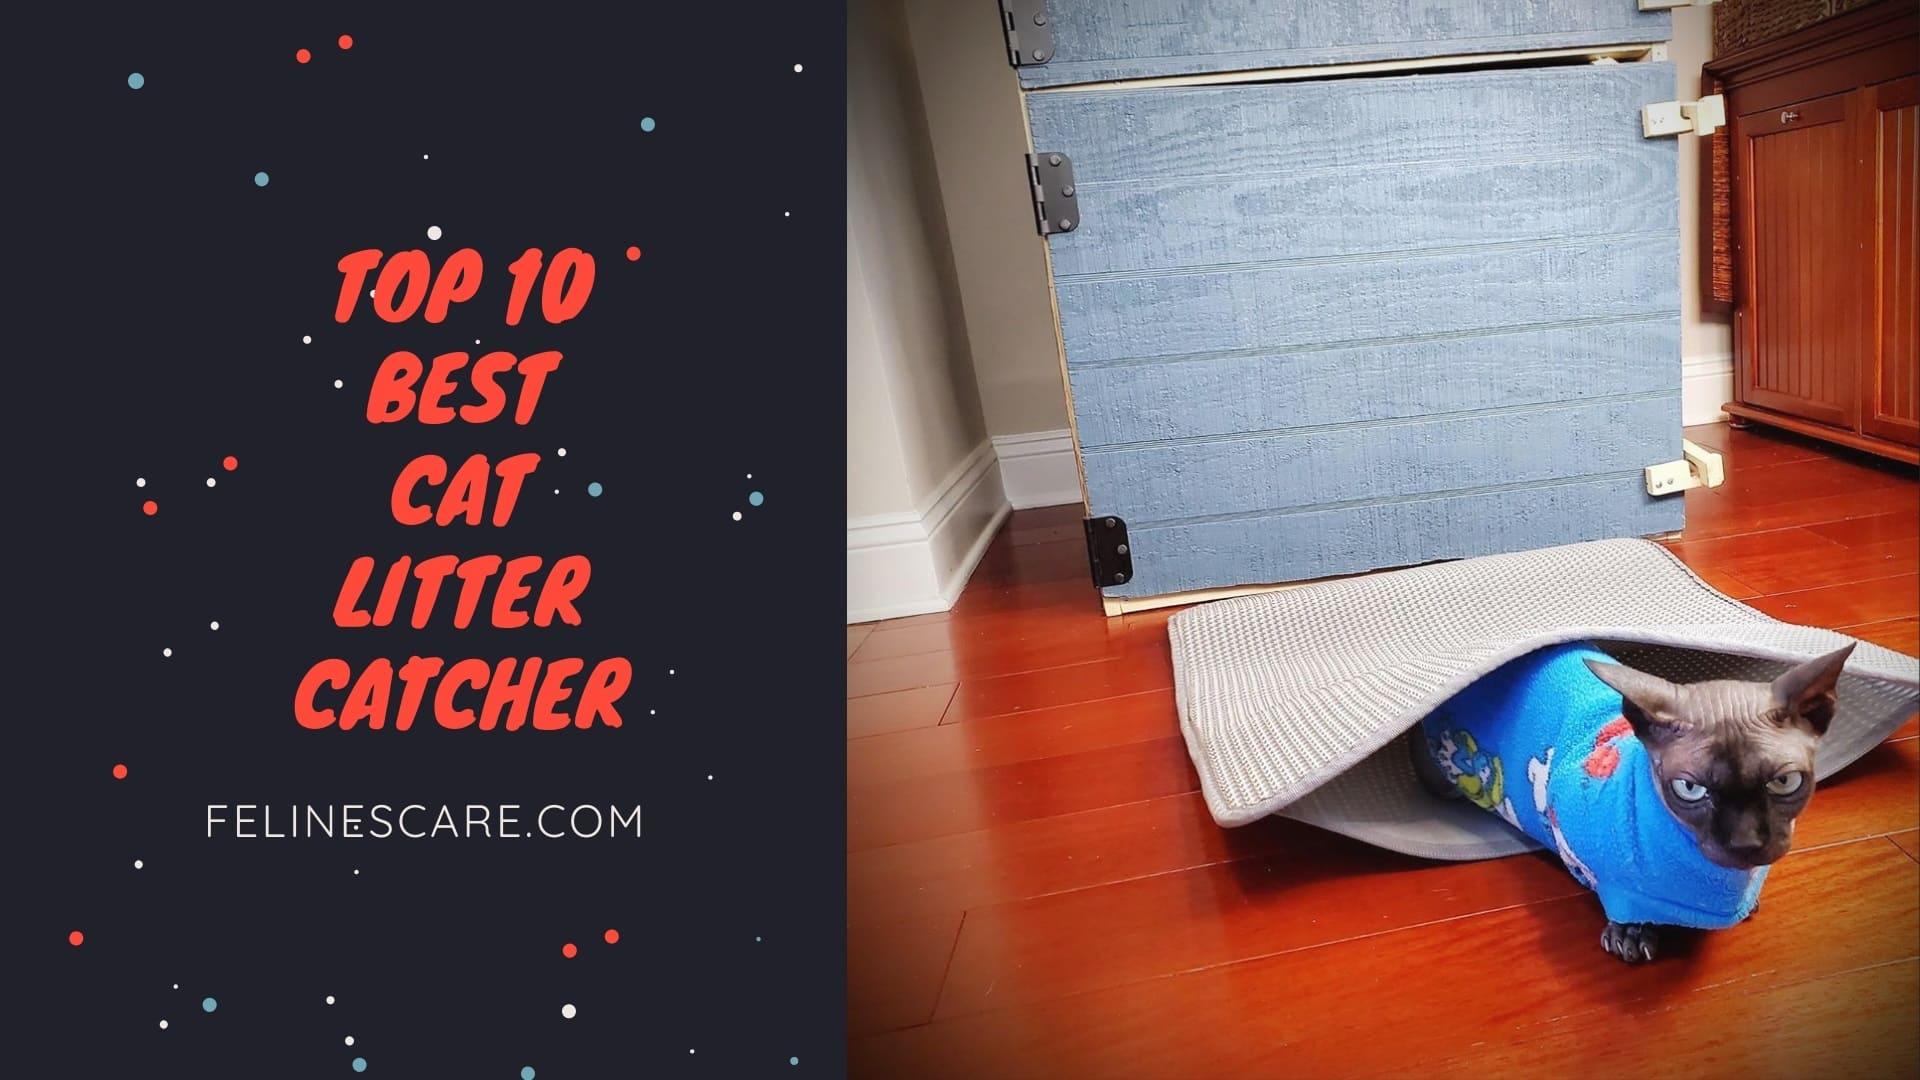 Top 10 Best Cat Litter Catcher [Updated November 2020] 22